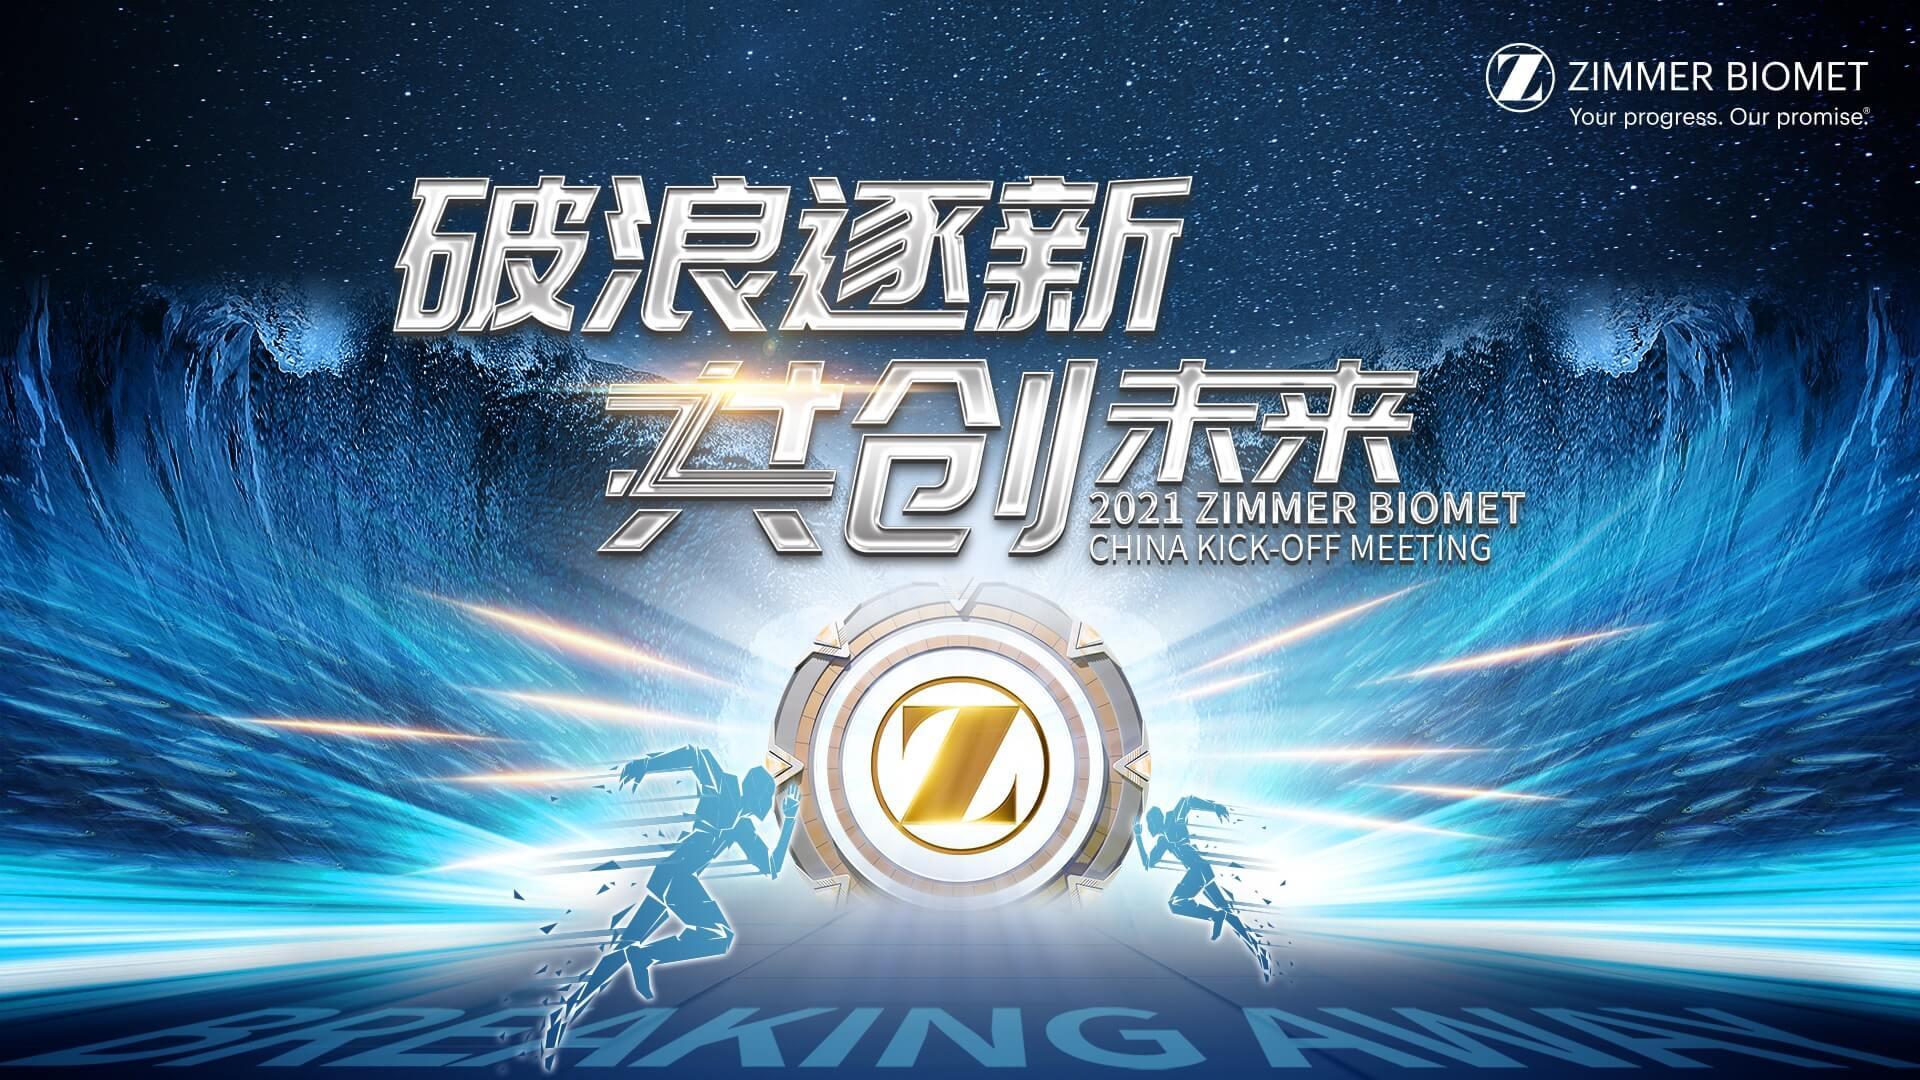 轻直播全程助力ZIMMER BIOMET 2021中国启动会圆满落幕